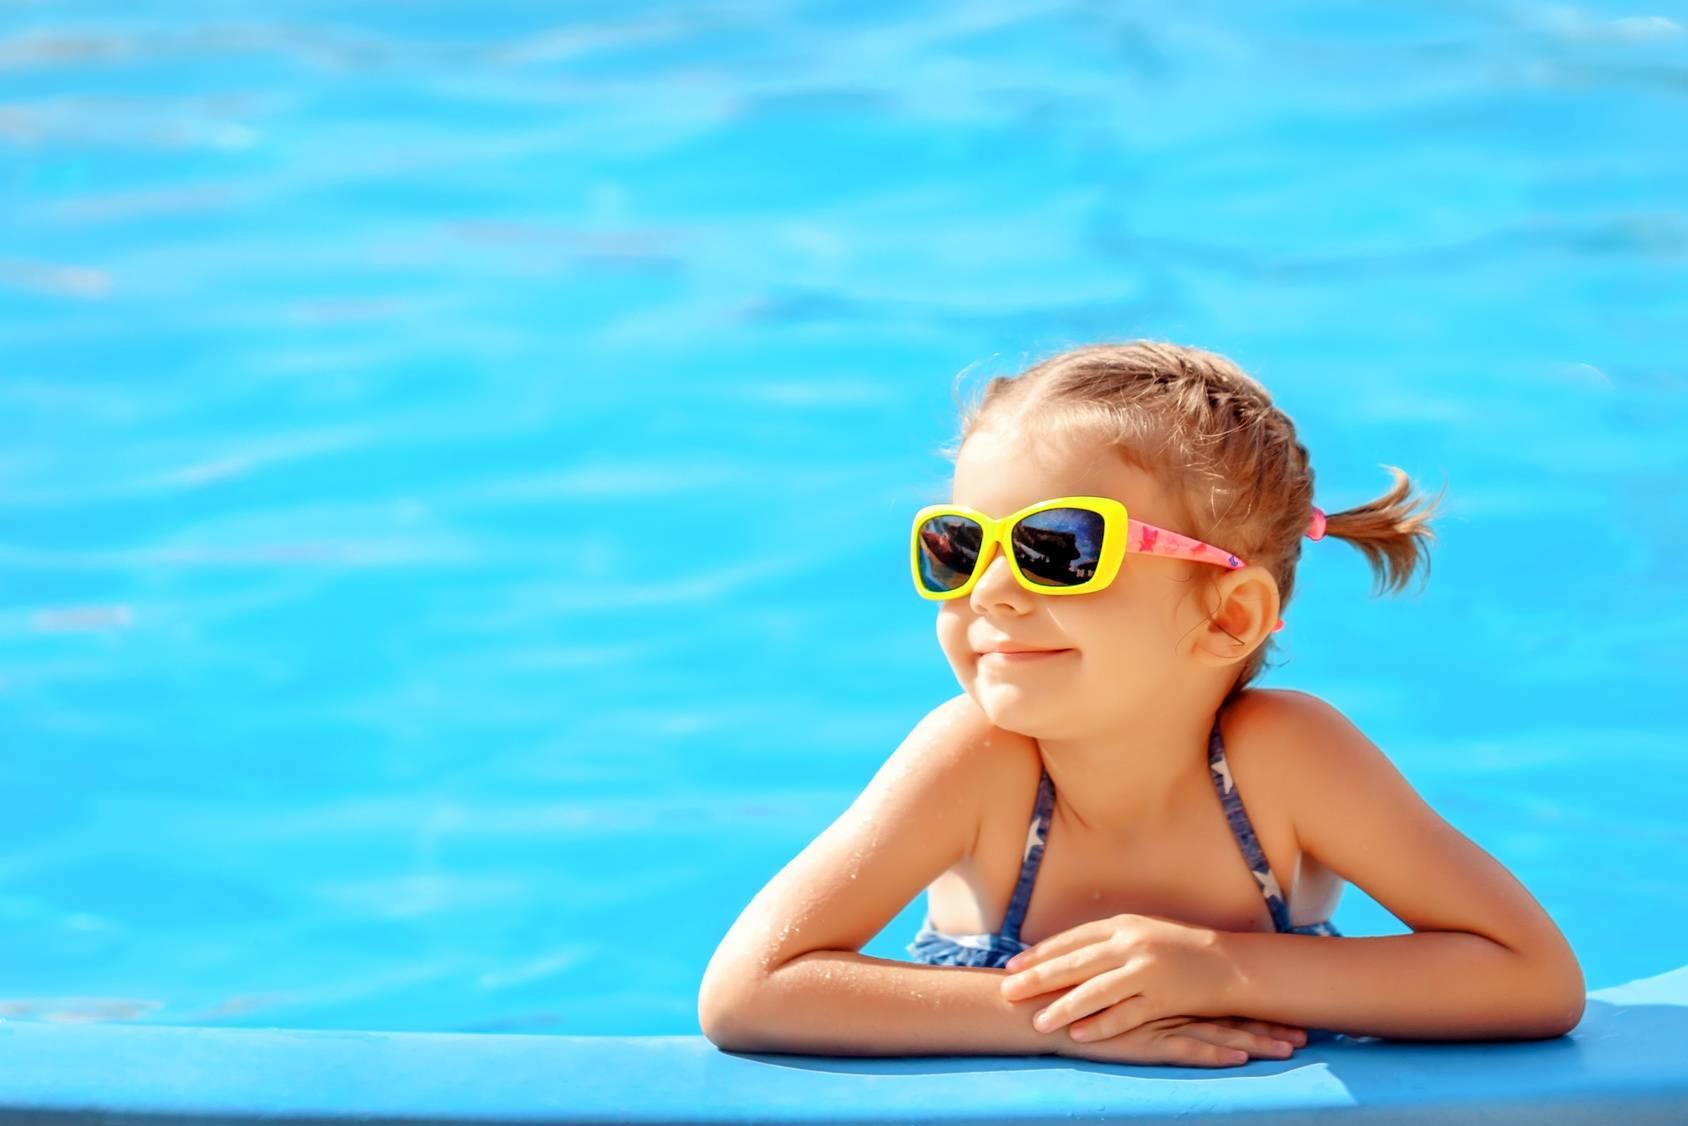 Okulary przeciwsłoneczne dla dziecka - jak dobrać i na co zwrócić uwagę?